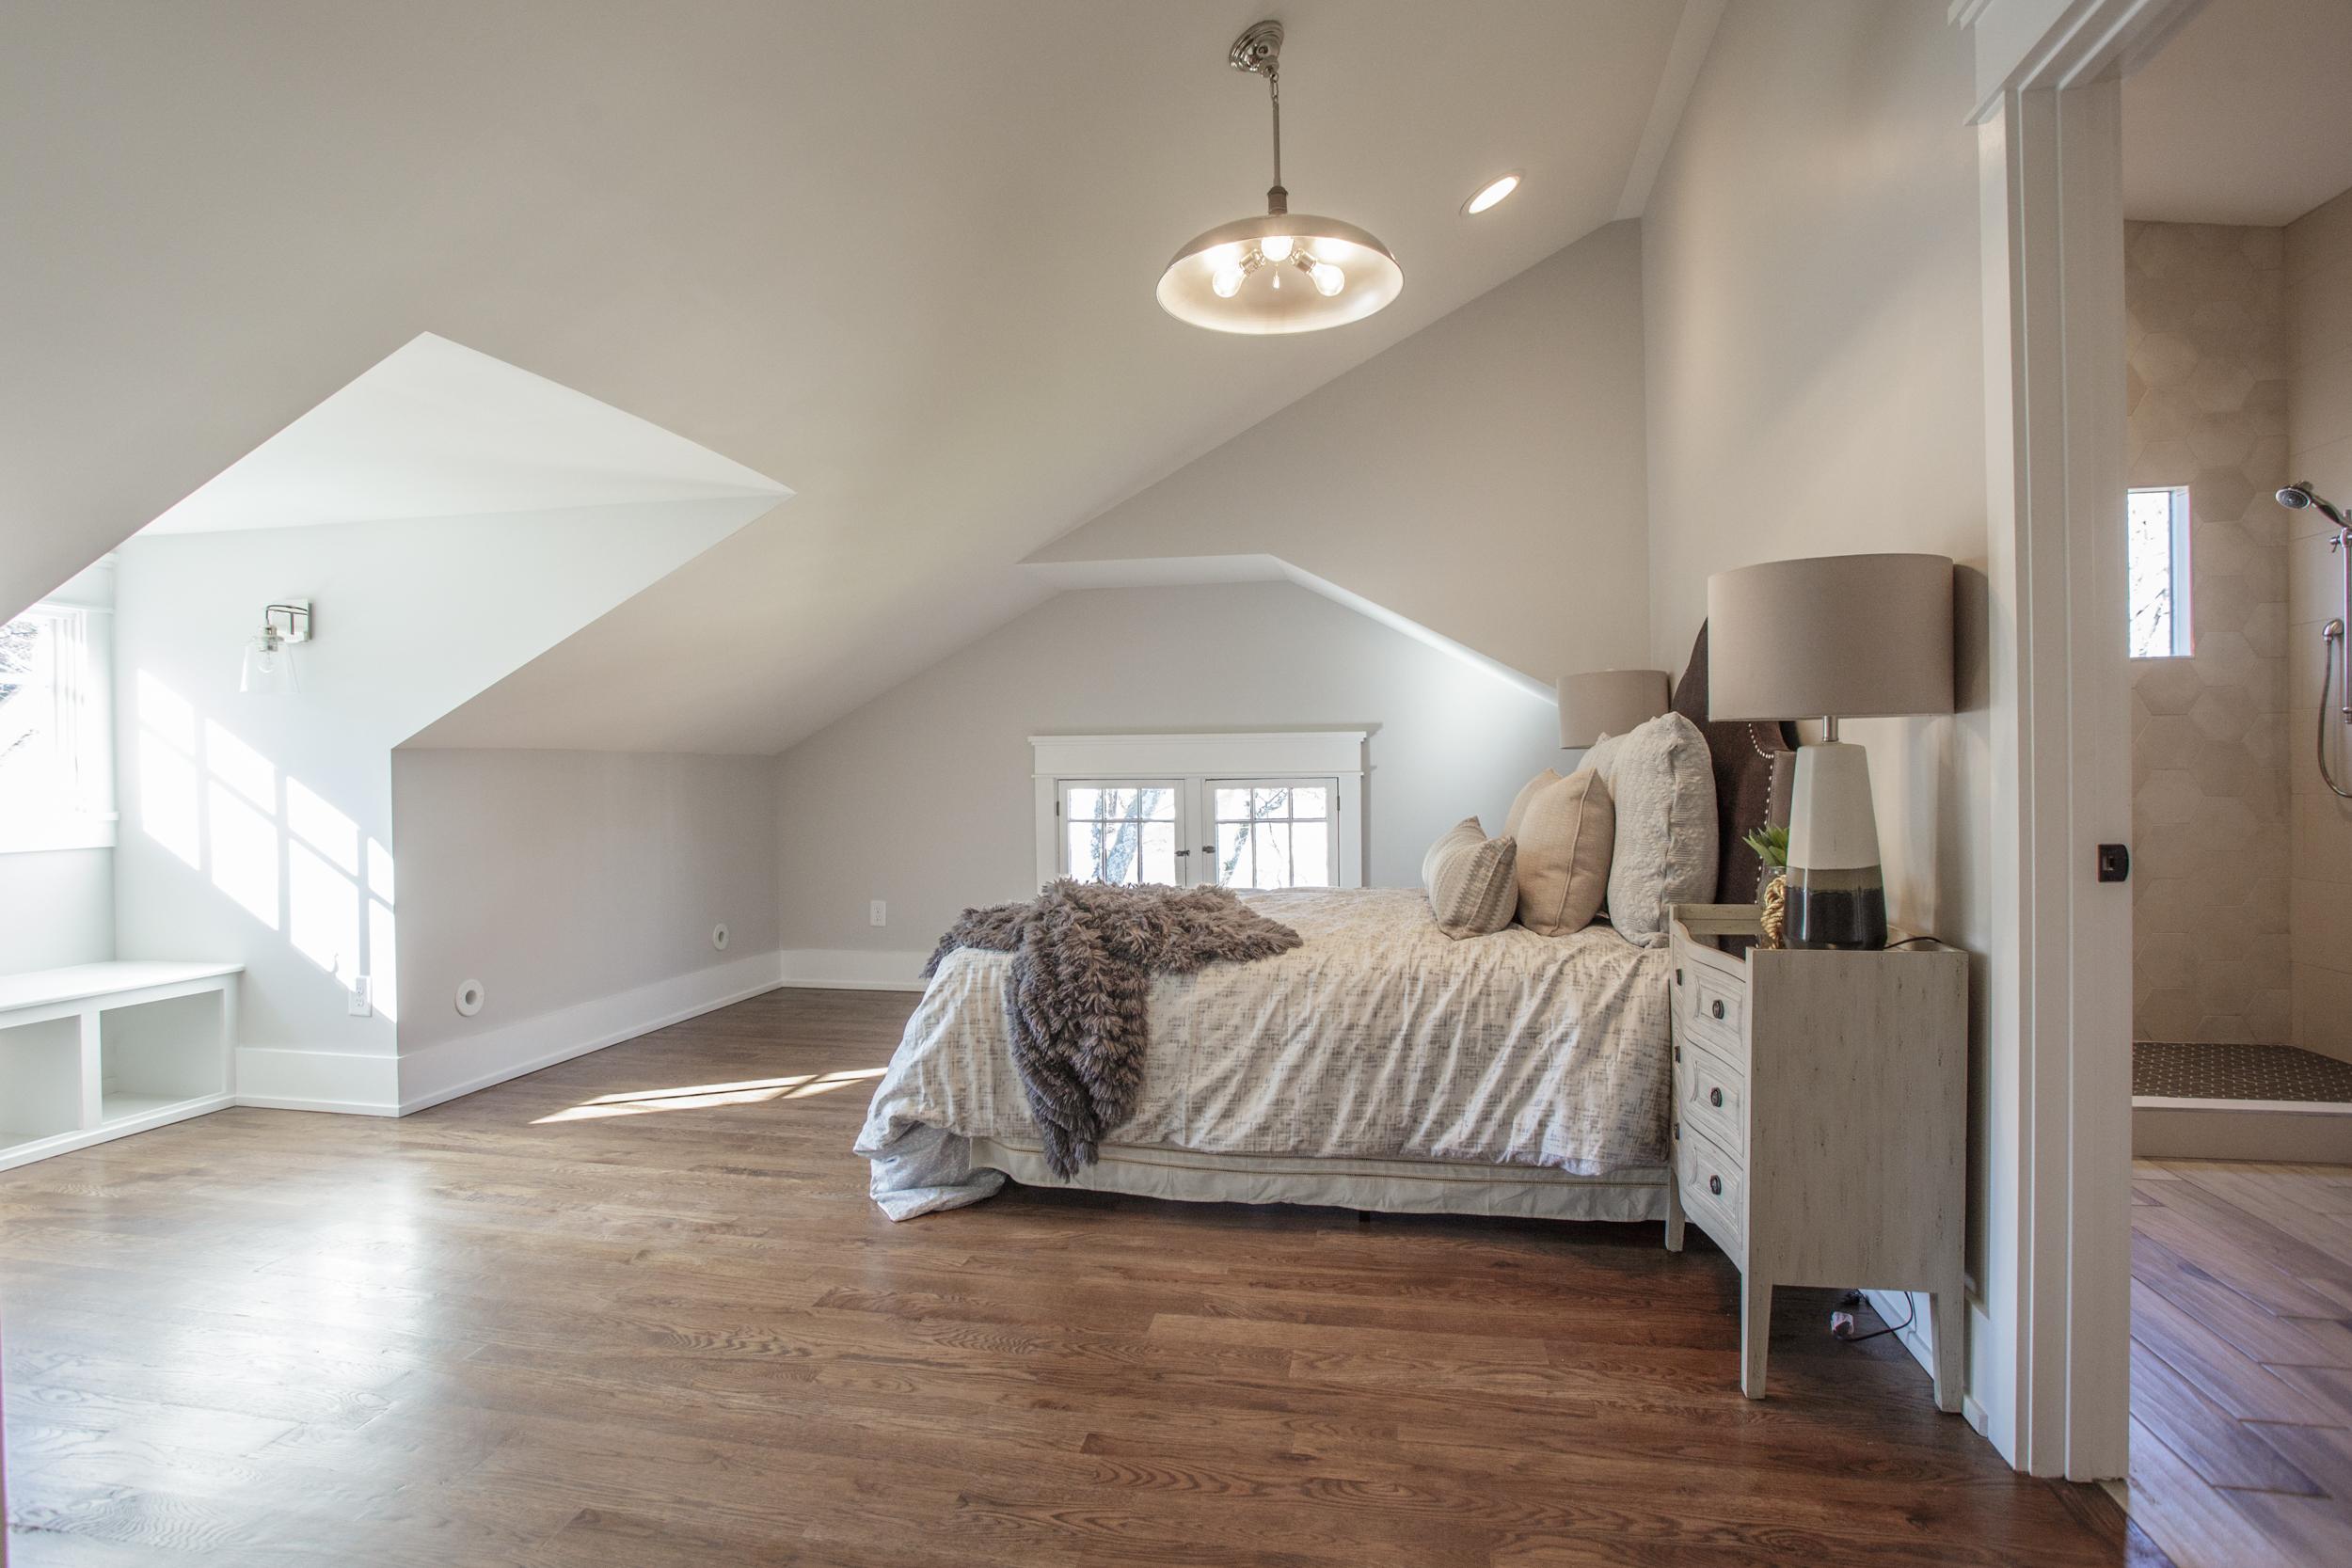 britt-development-group-nashville-tennessee-custom-home-builder-historic-renovation-0638.jpg